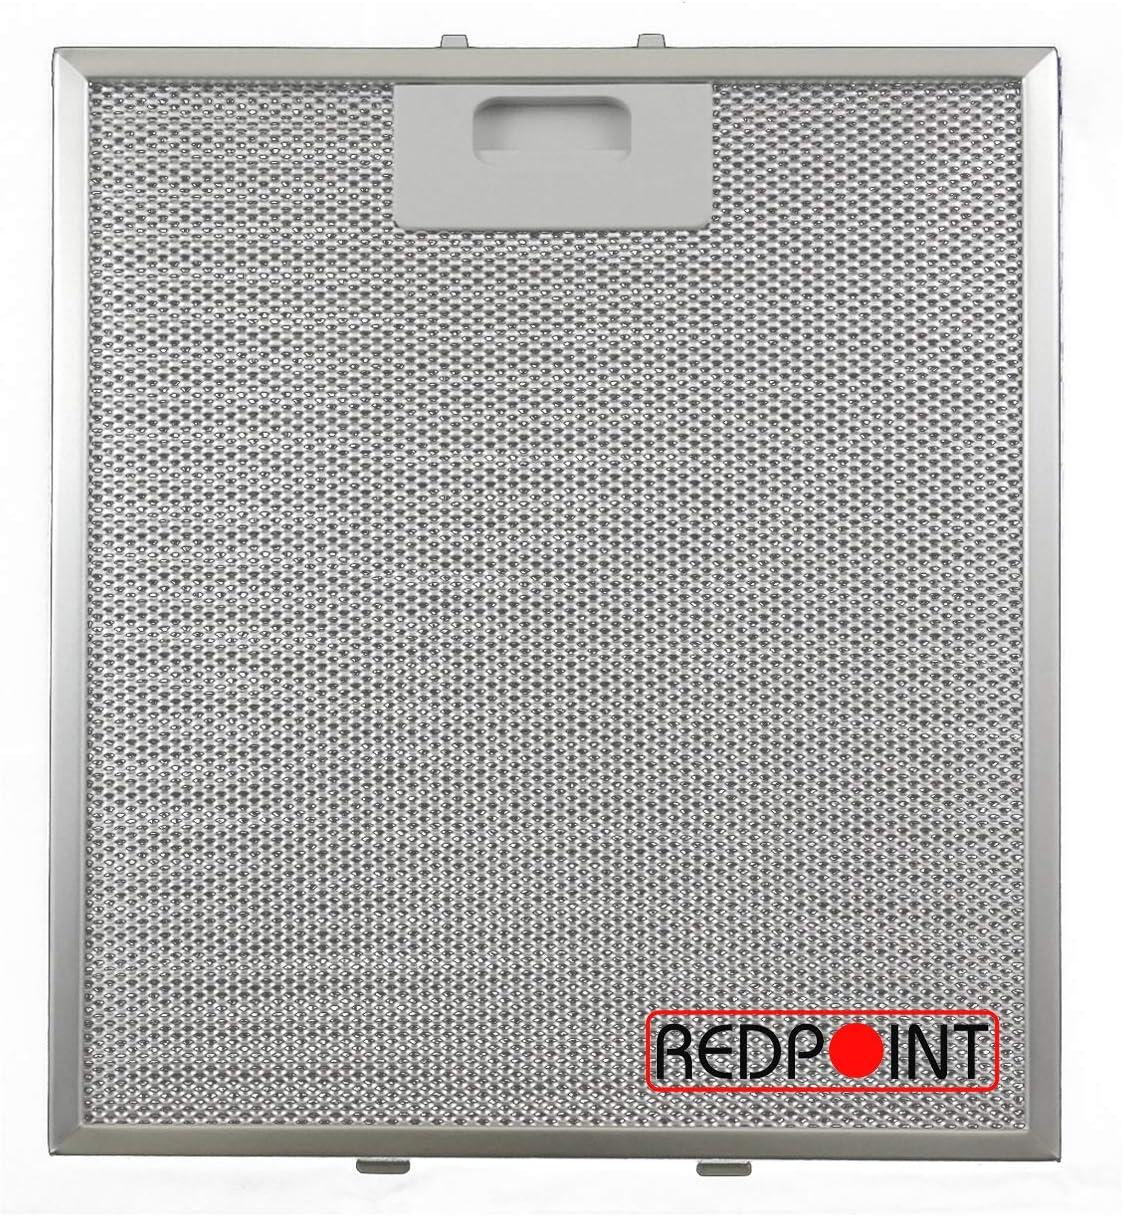 Filtro de aluminio para campanas 267 x 305 x 9 mm - Adaptabilidad: